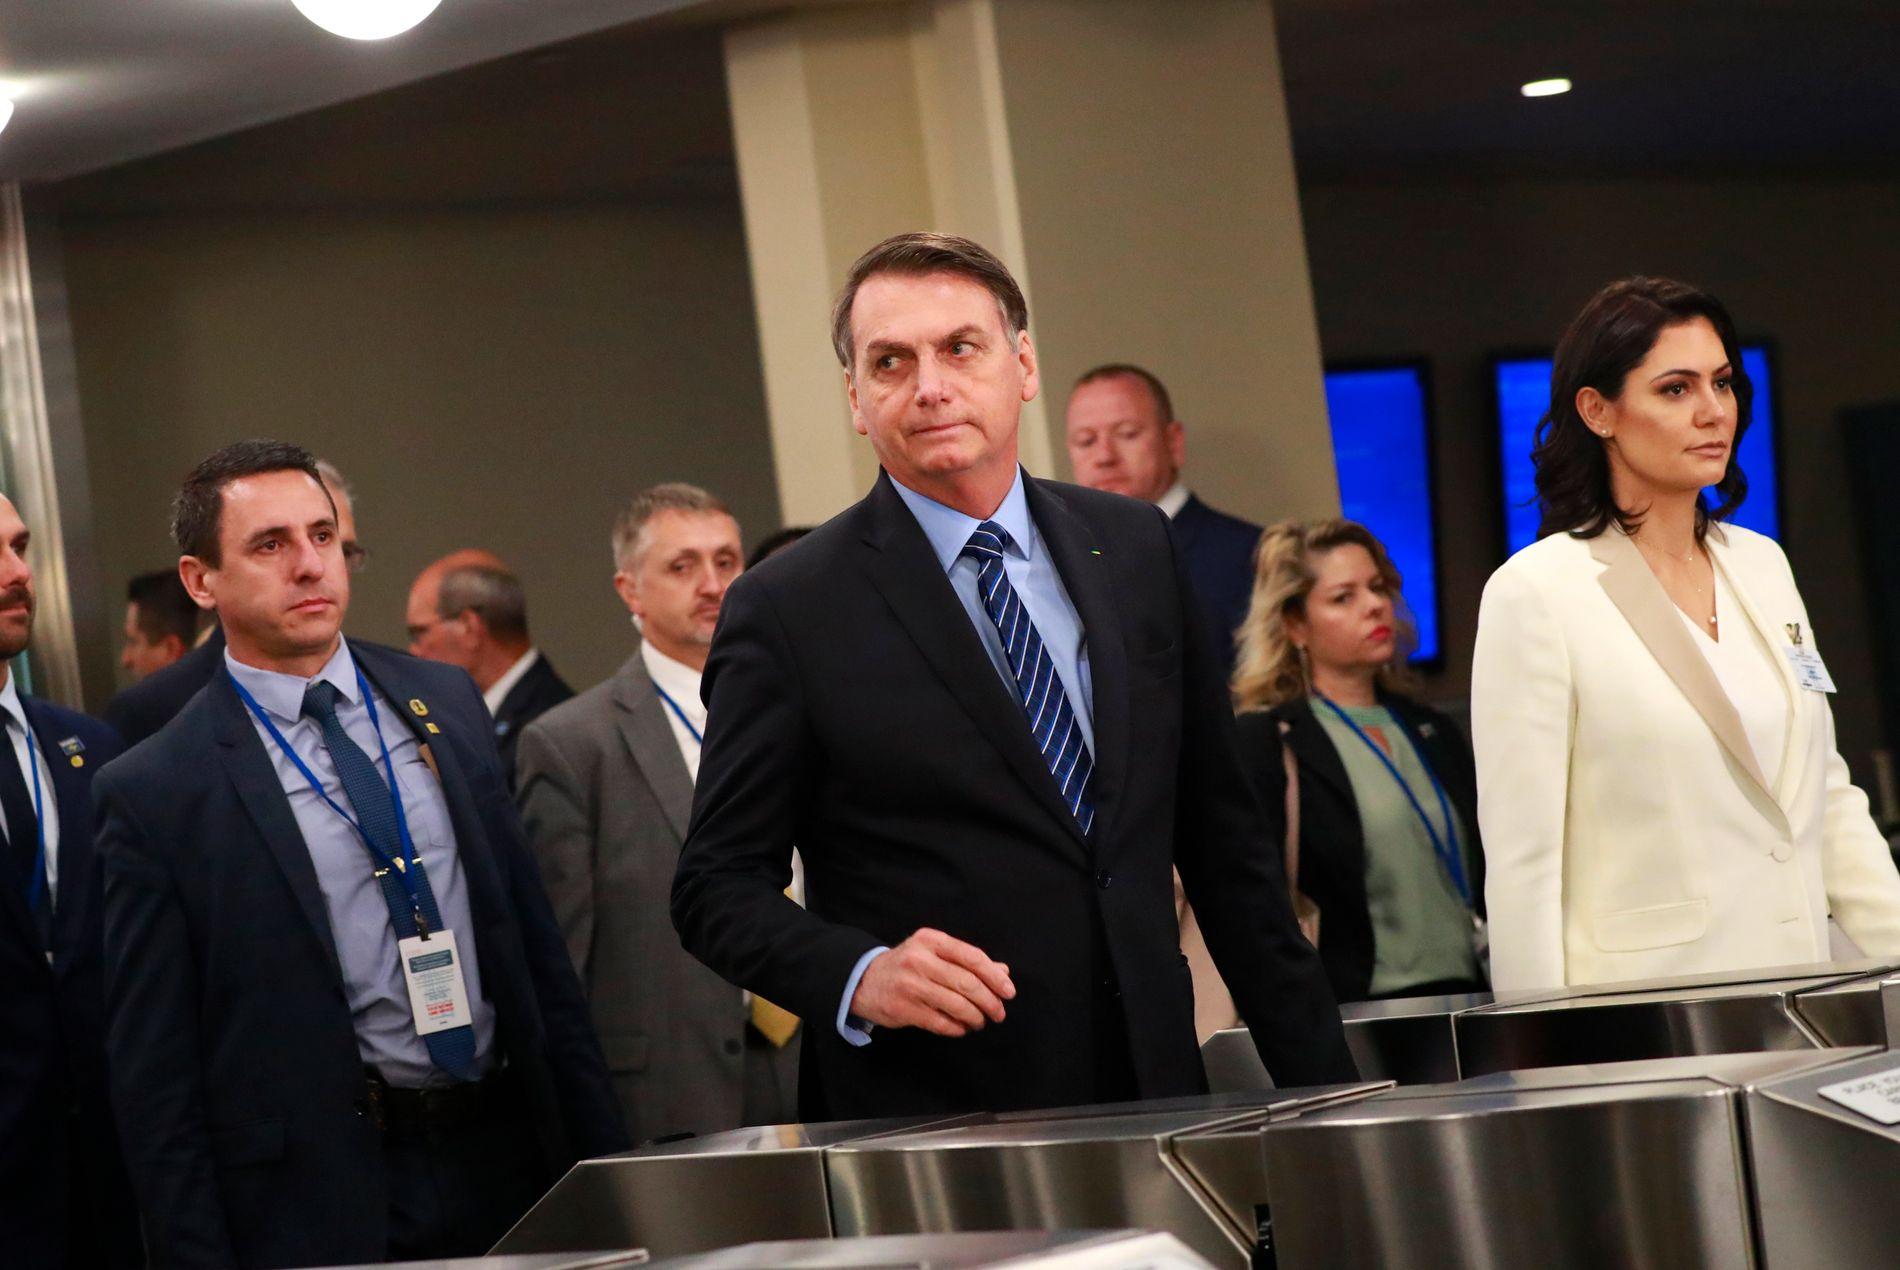 Bolsonaro gikk i strupen på verdenslederne